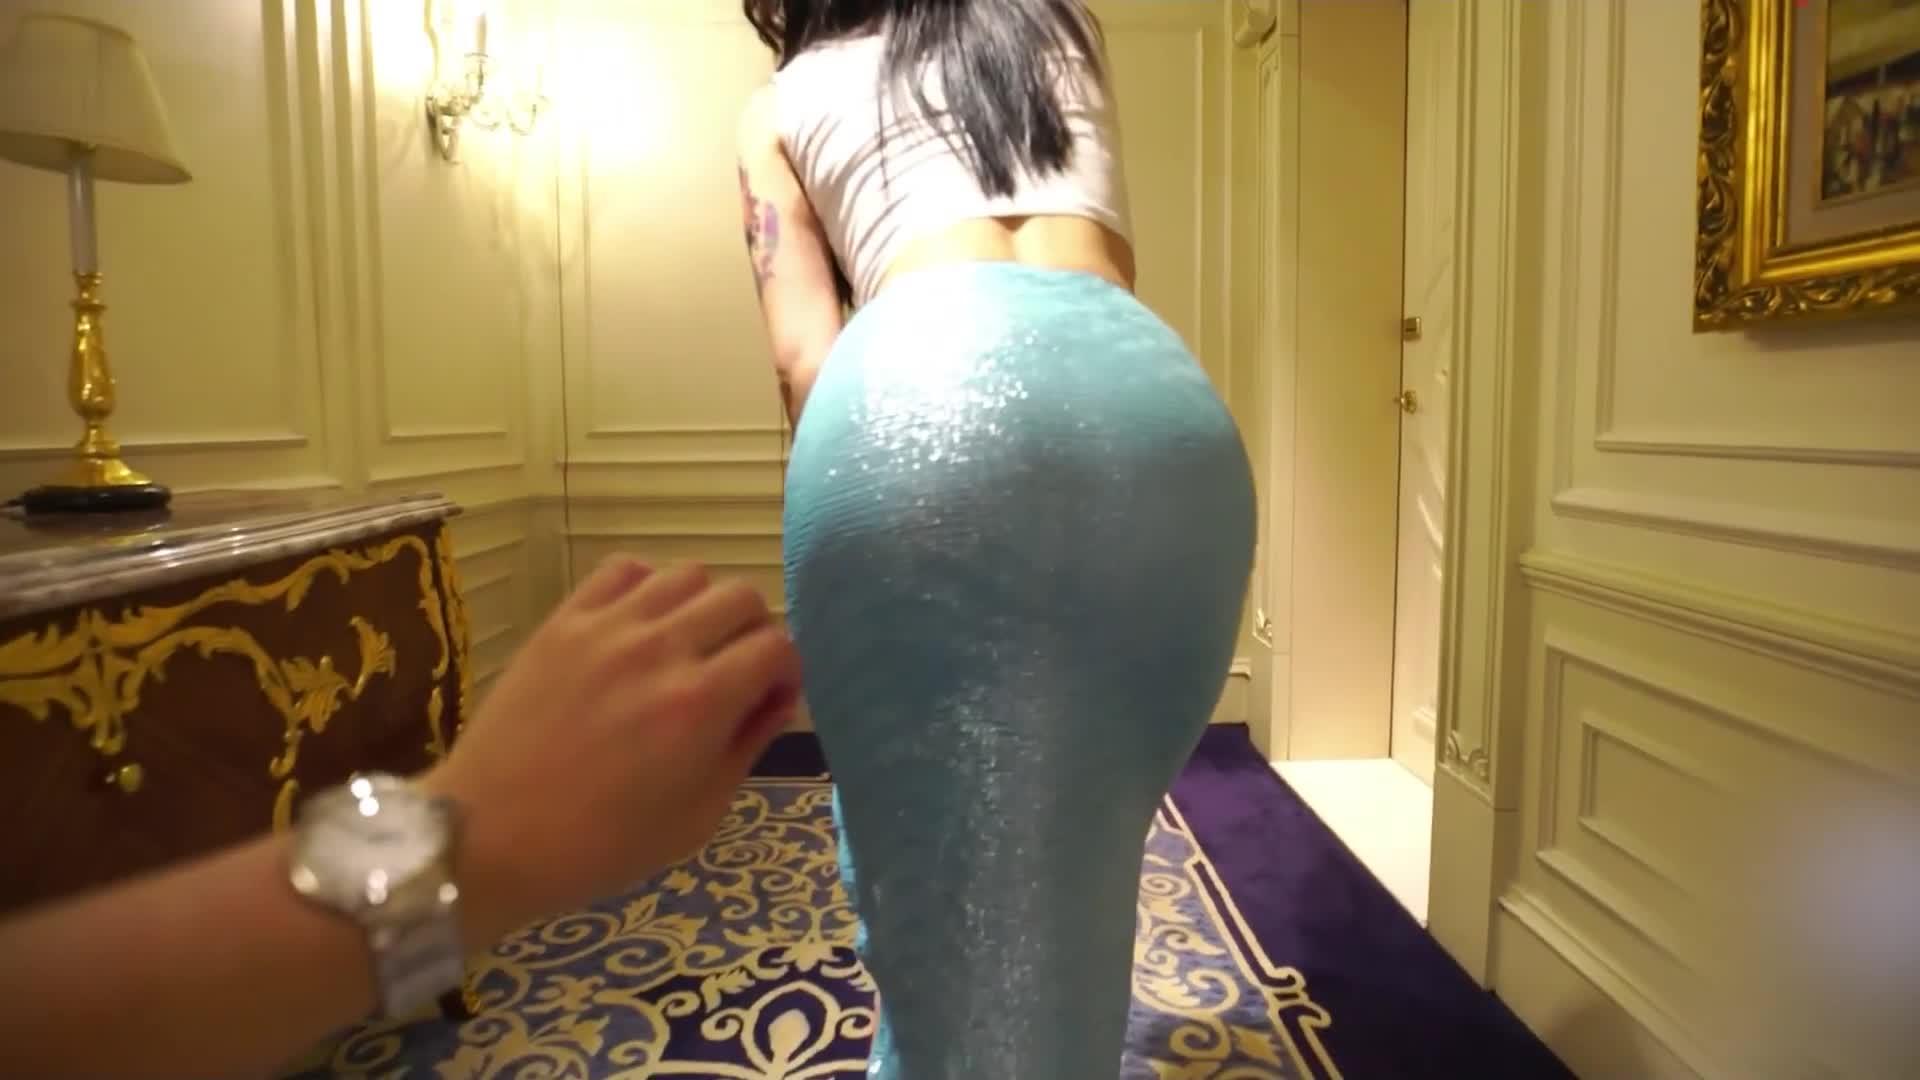 【写真花絮】VN.057 蓝色超短裙肉色丝袜写真拍摄花絮视频 blue miniskirt pantyhose sexy portrait videobehind the scene